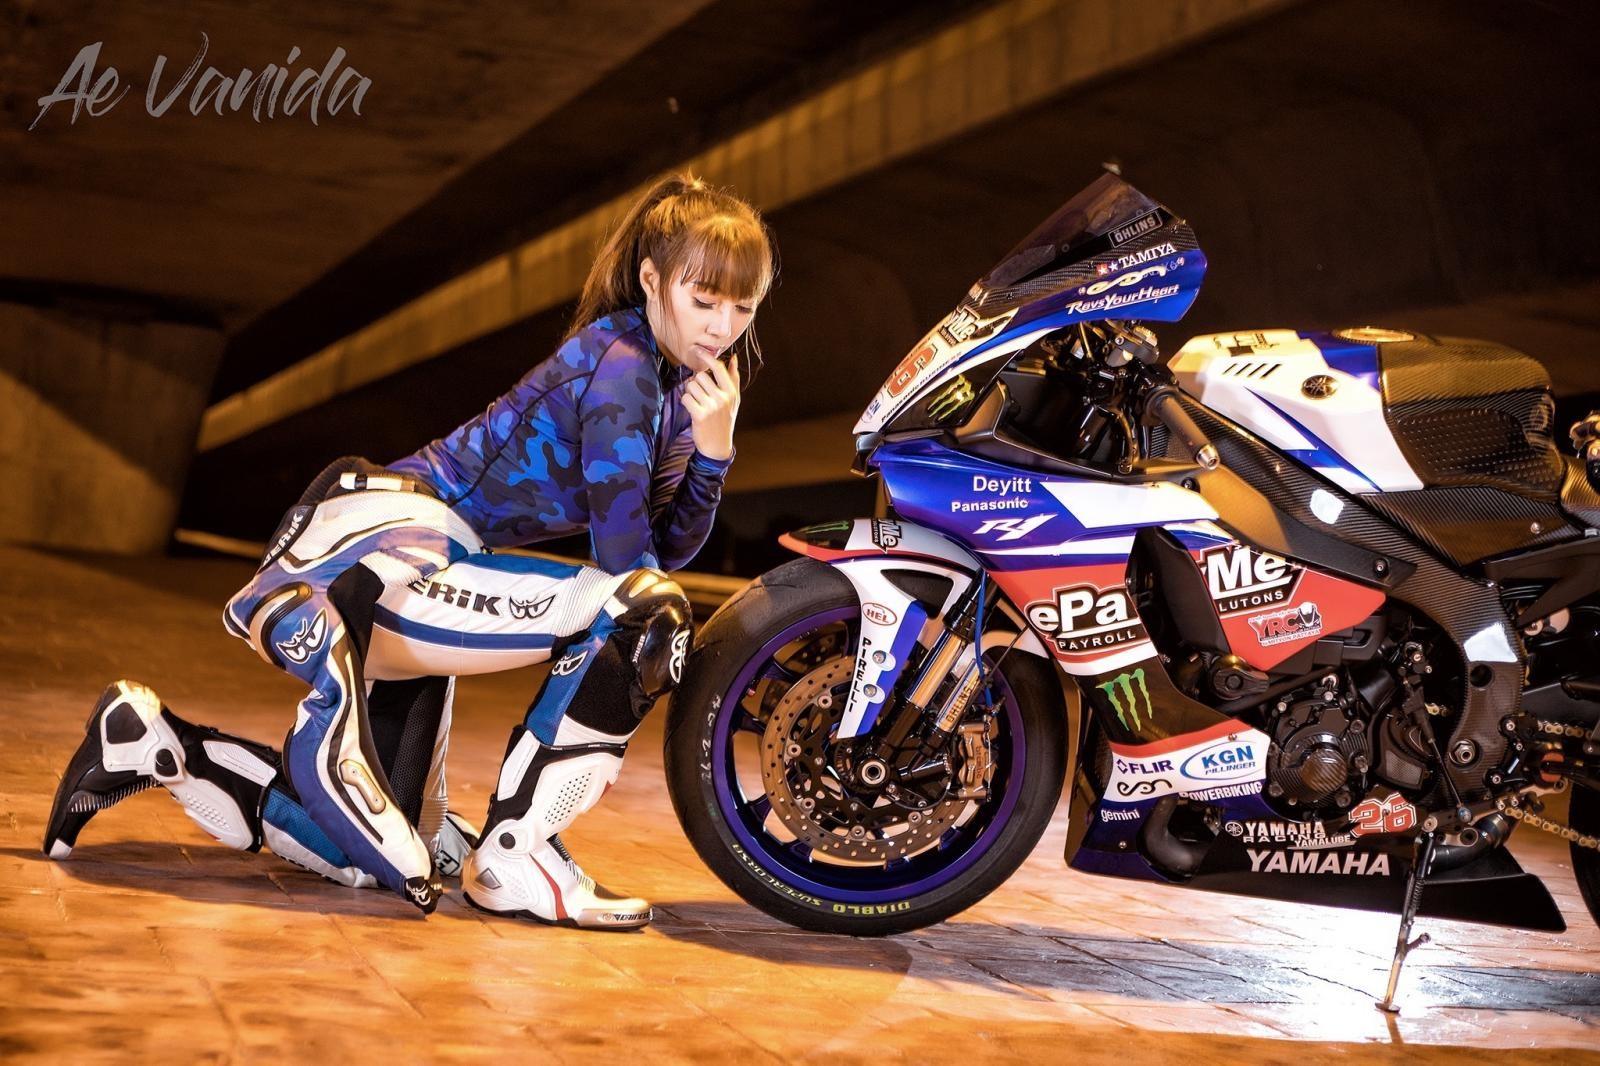 Cô nàng biến hoá khi thể thao, khi thanh lịch bên Yamaha R1 - 1